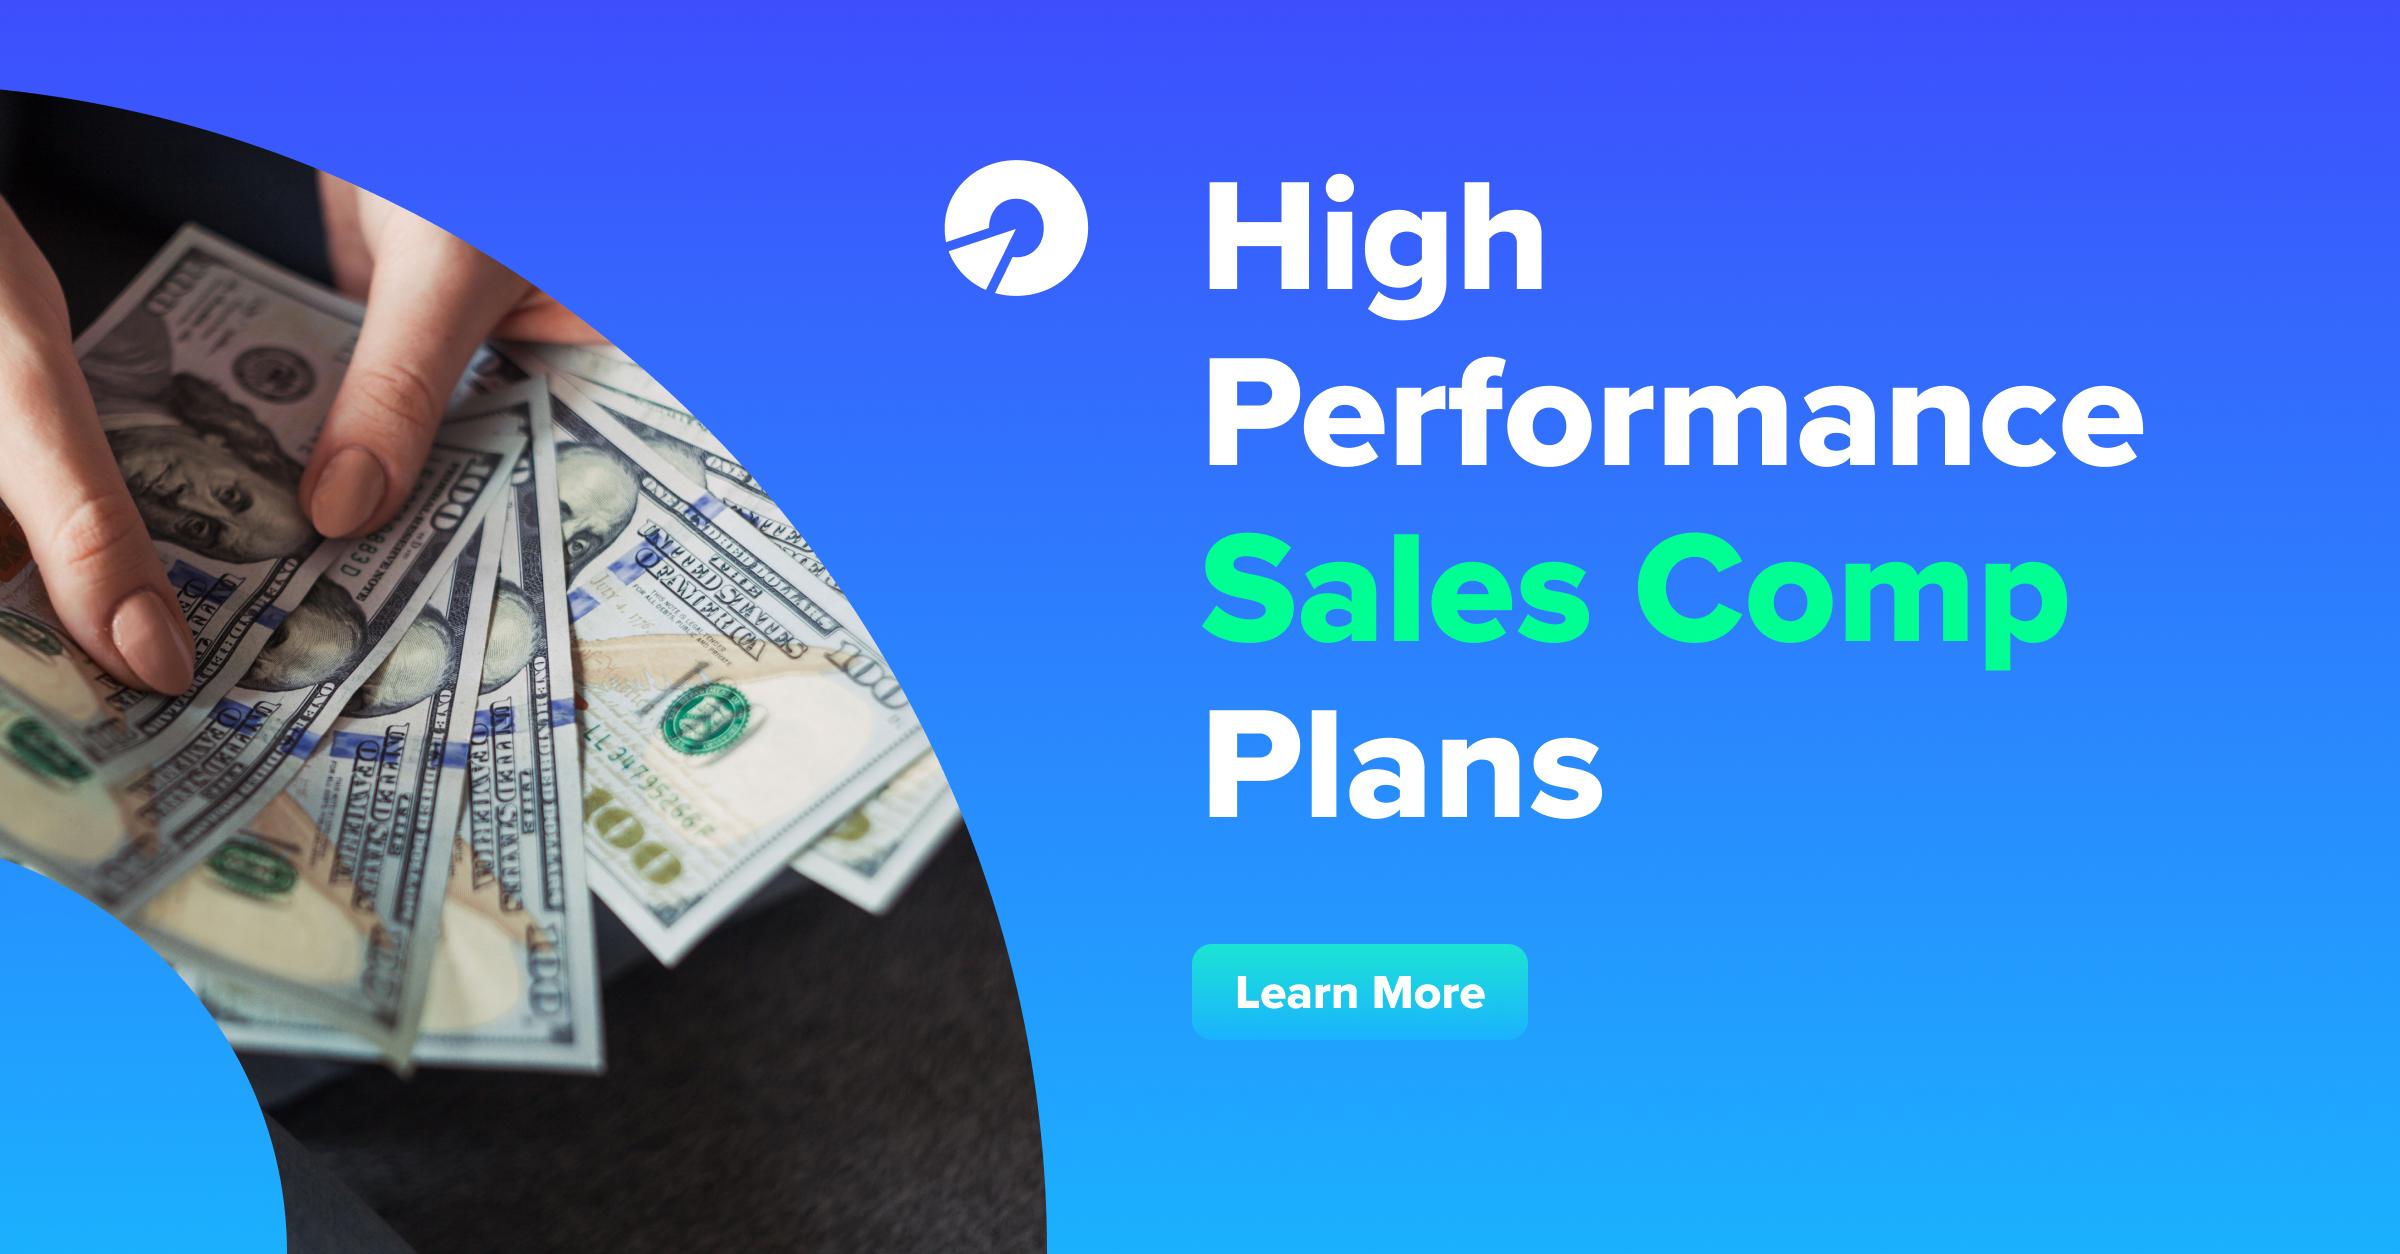 High Performance Sales Compensation Plans